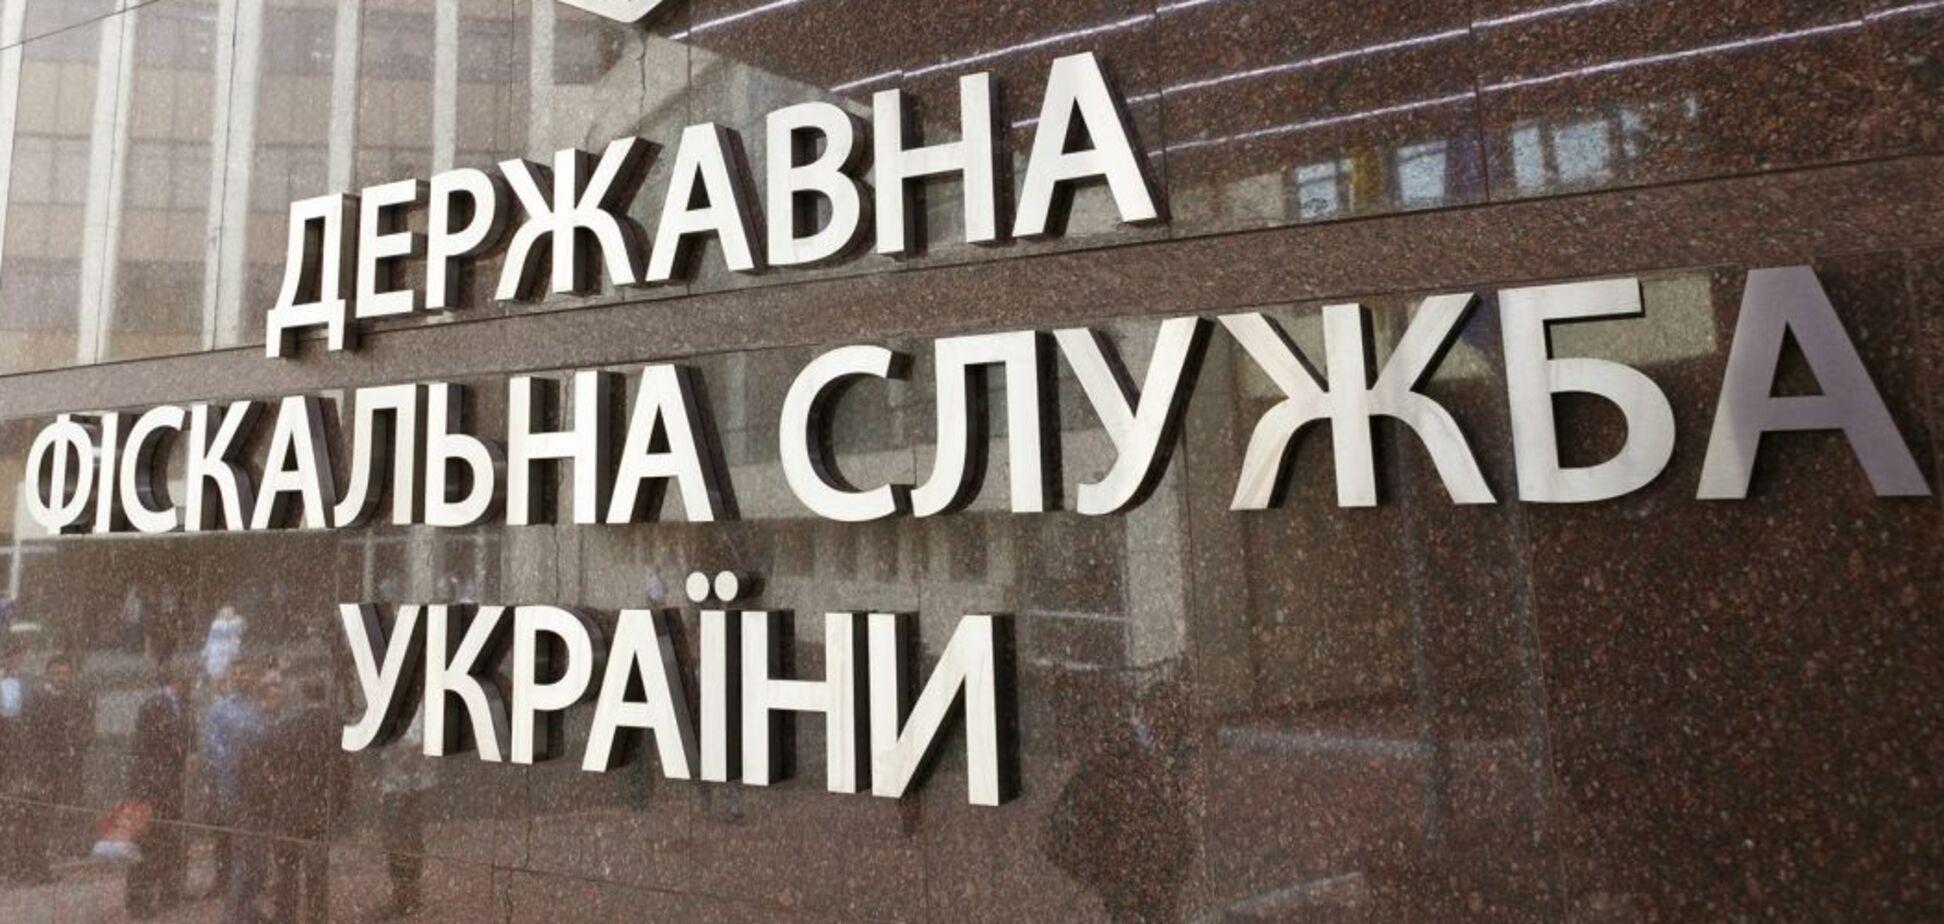 У ДФС закликали депутатів не поширювати фейки